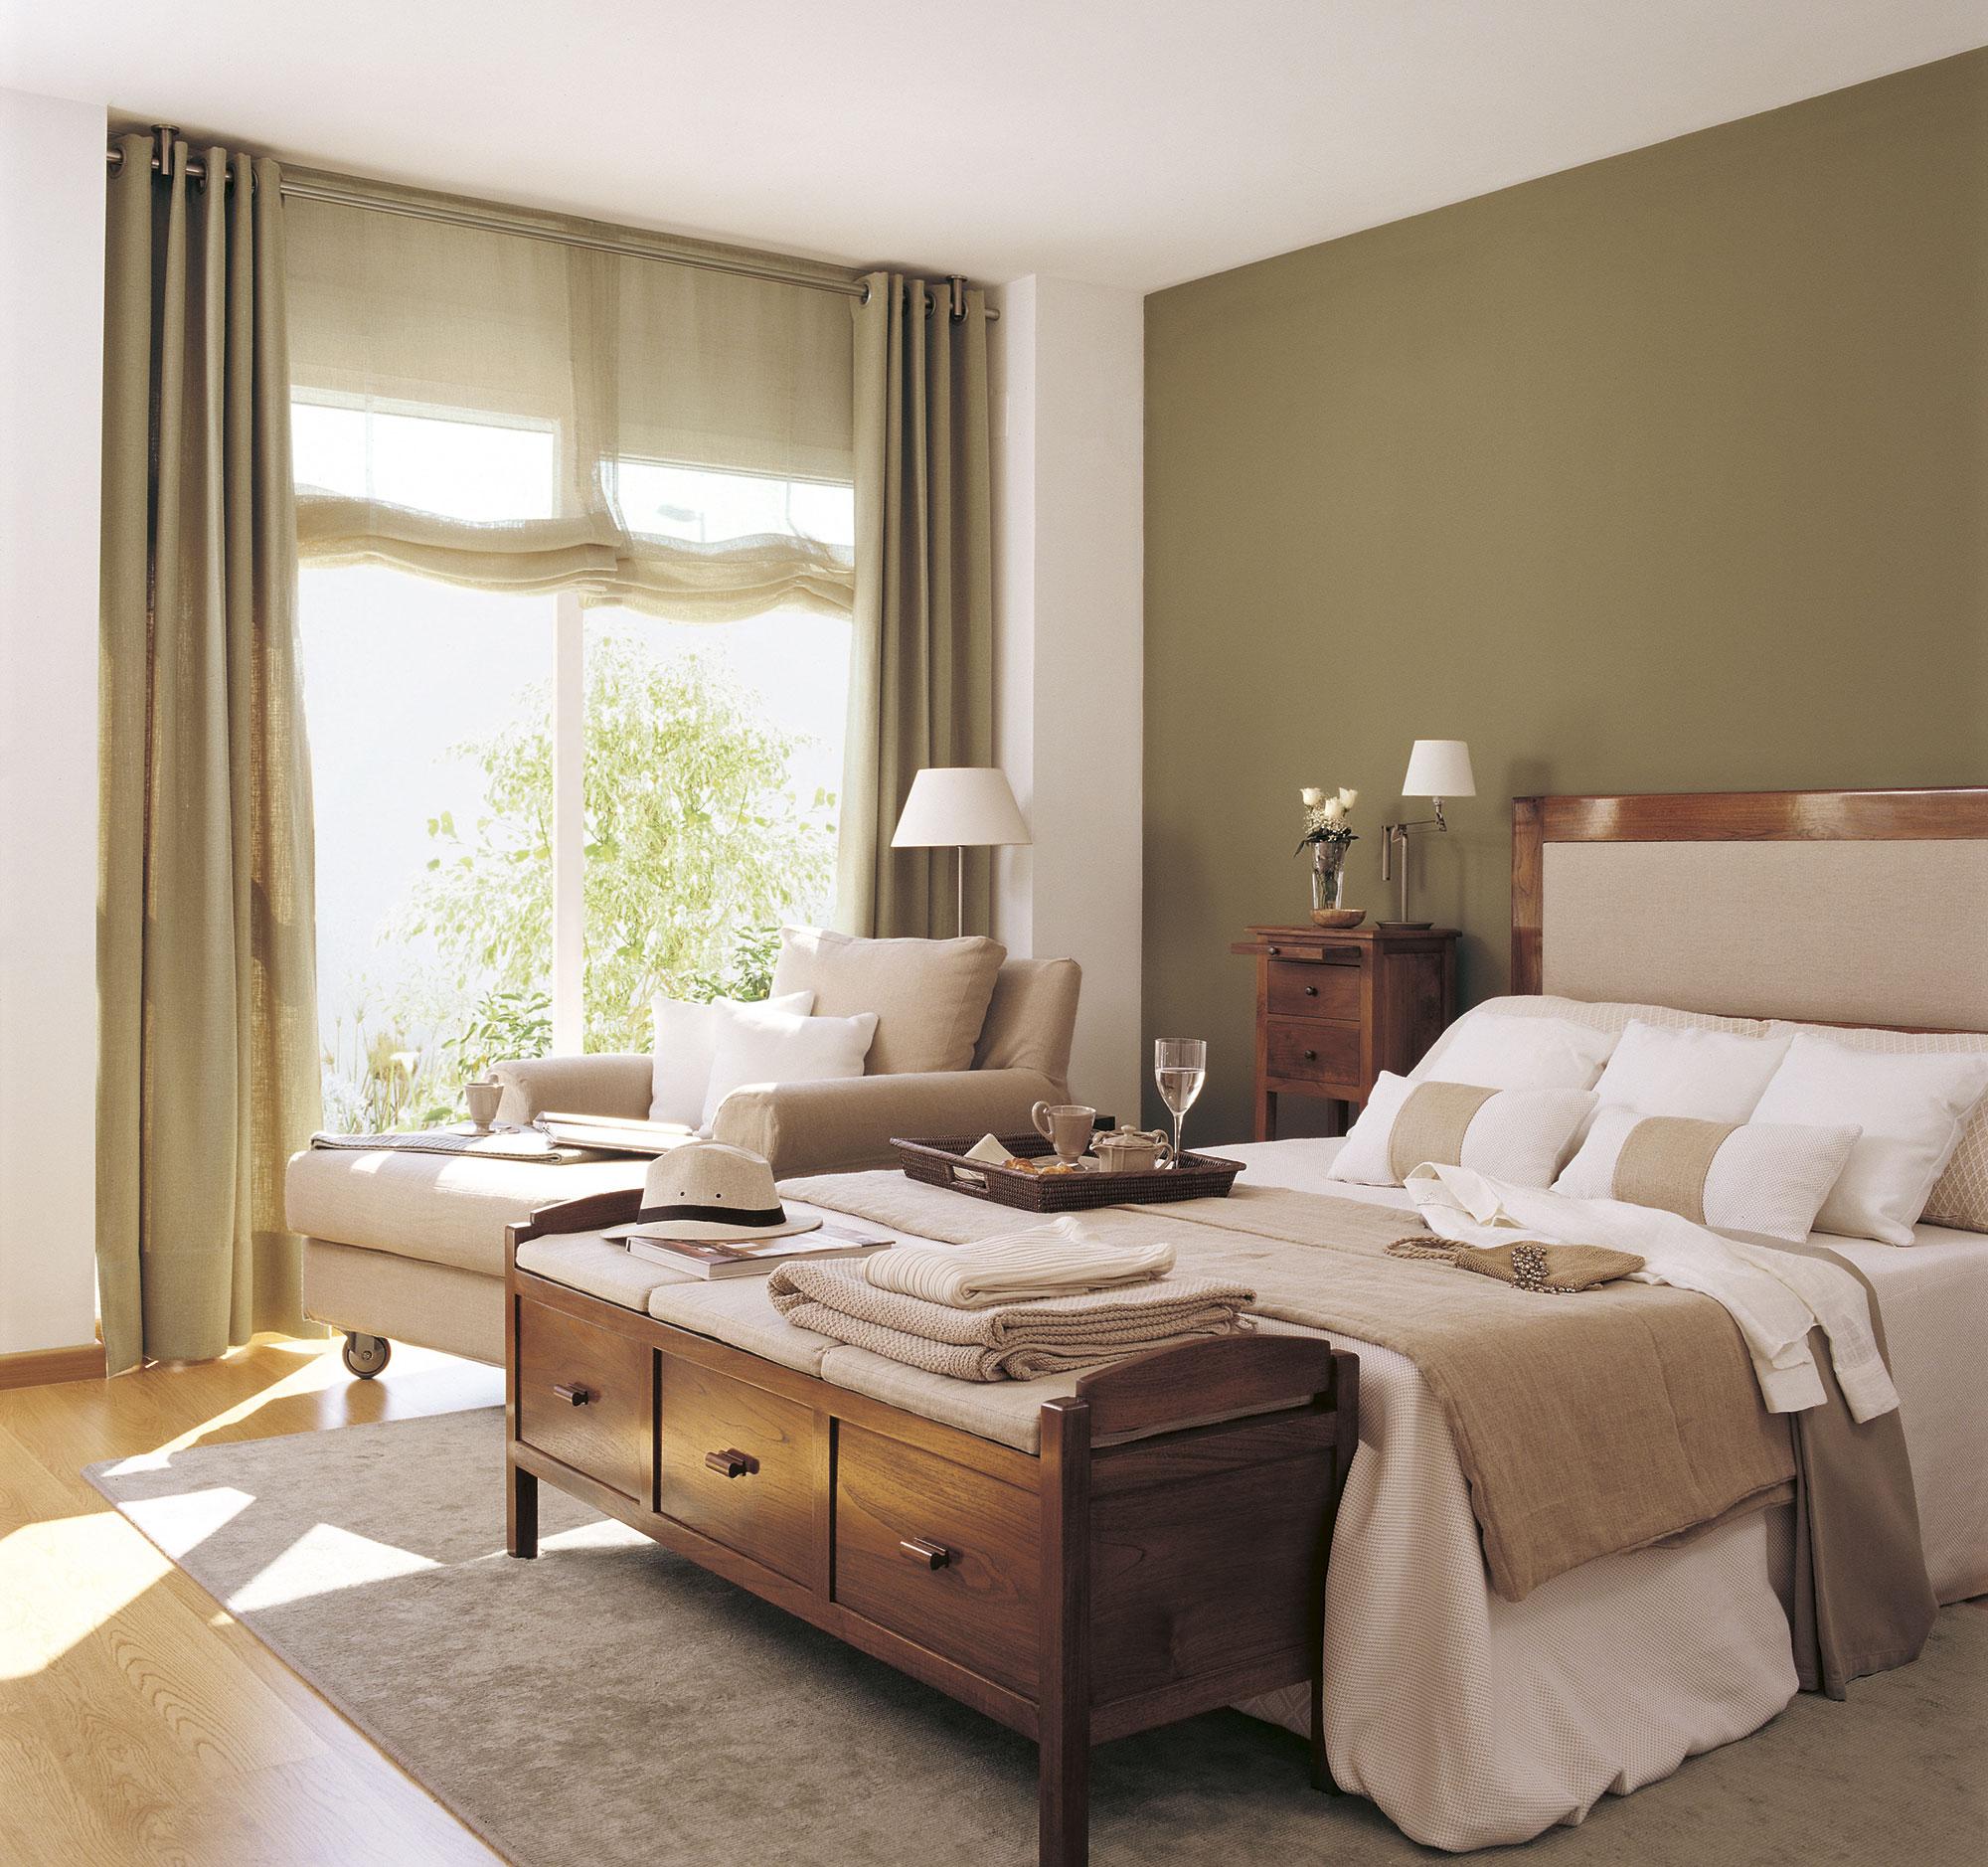 Pintura cambia tu casa con los efectos del color - Pintar piso colores neutros ...